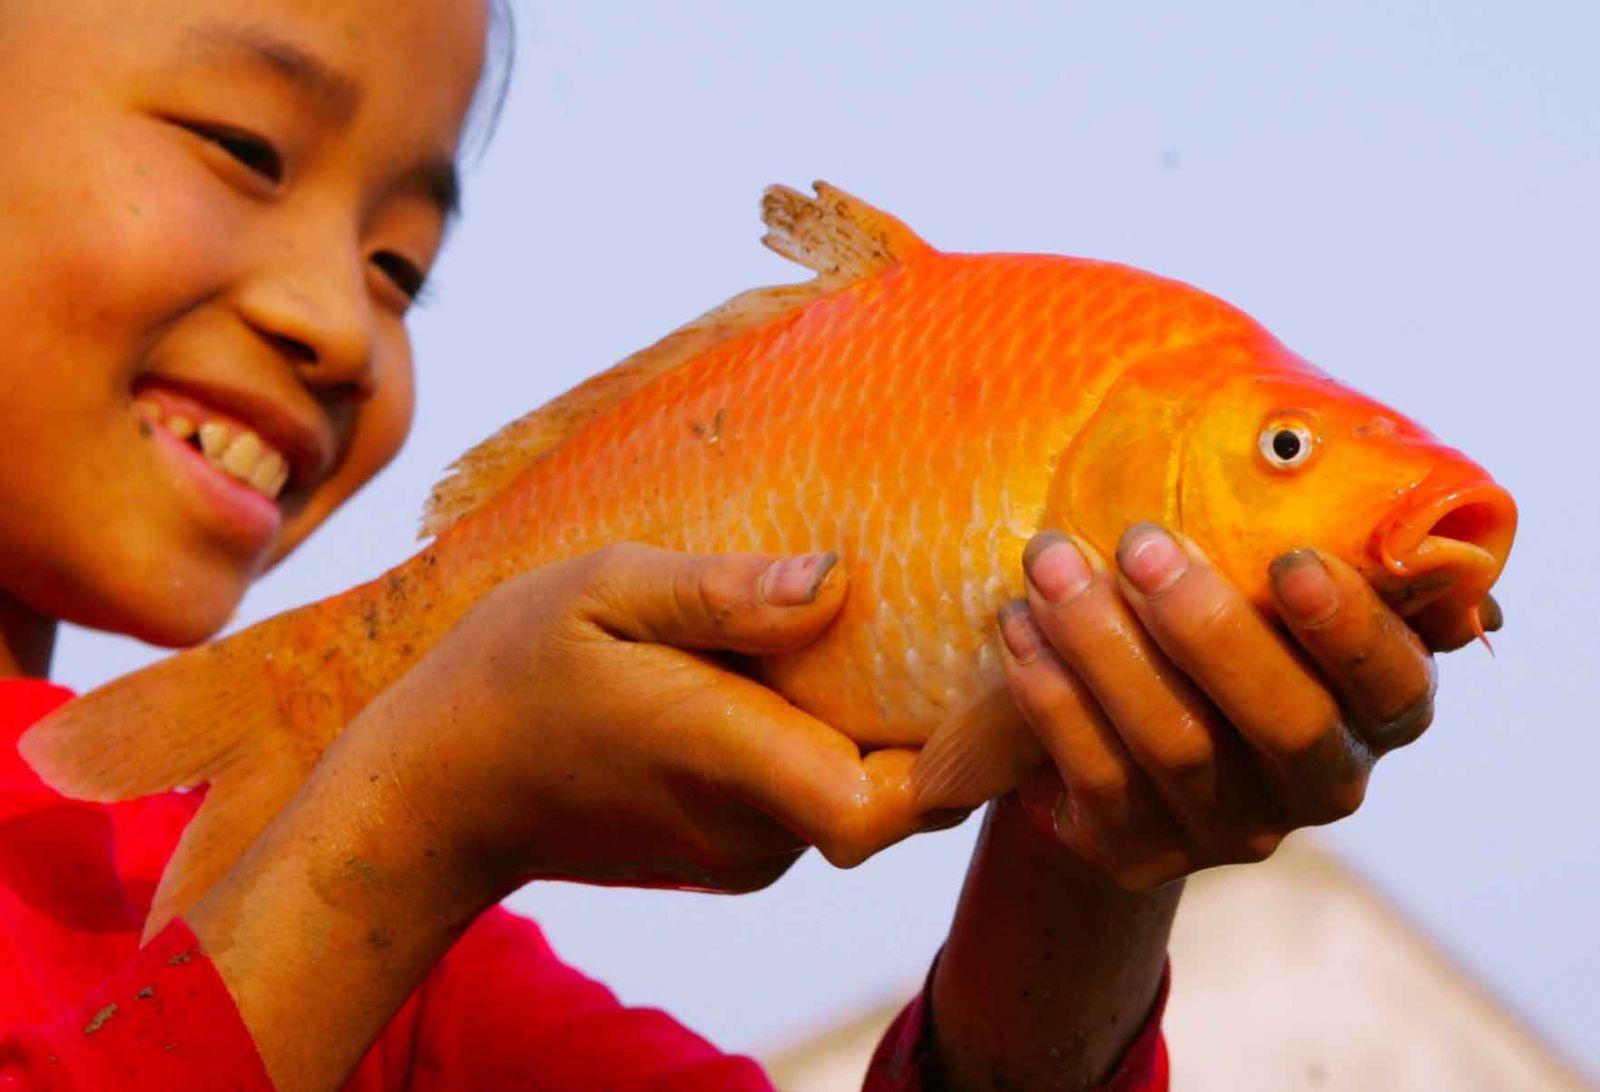 Mơ thấy cá chép đỏ